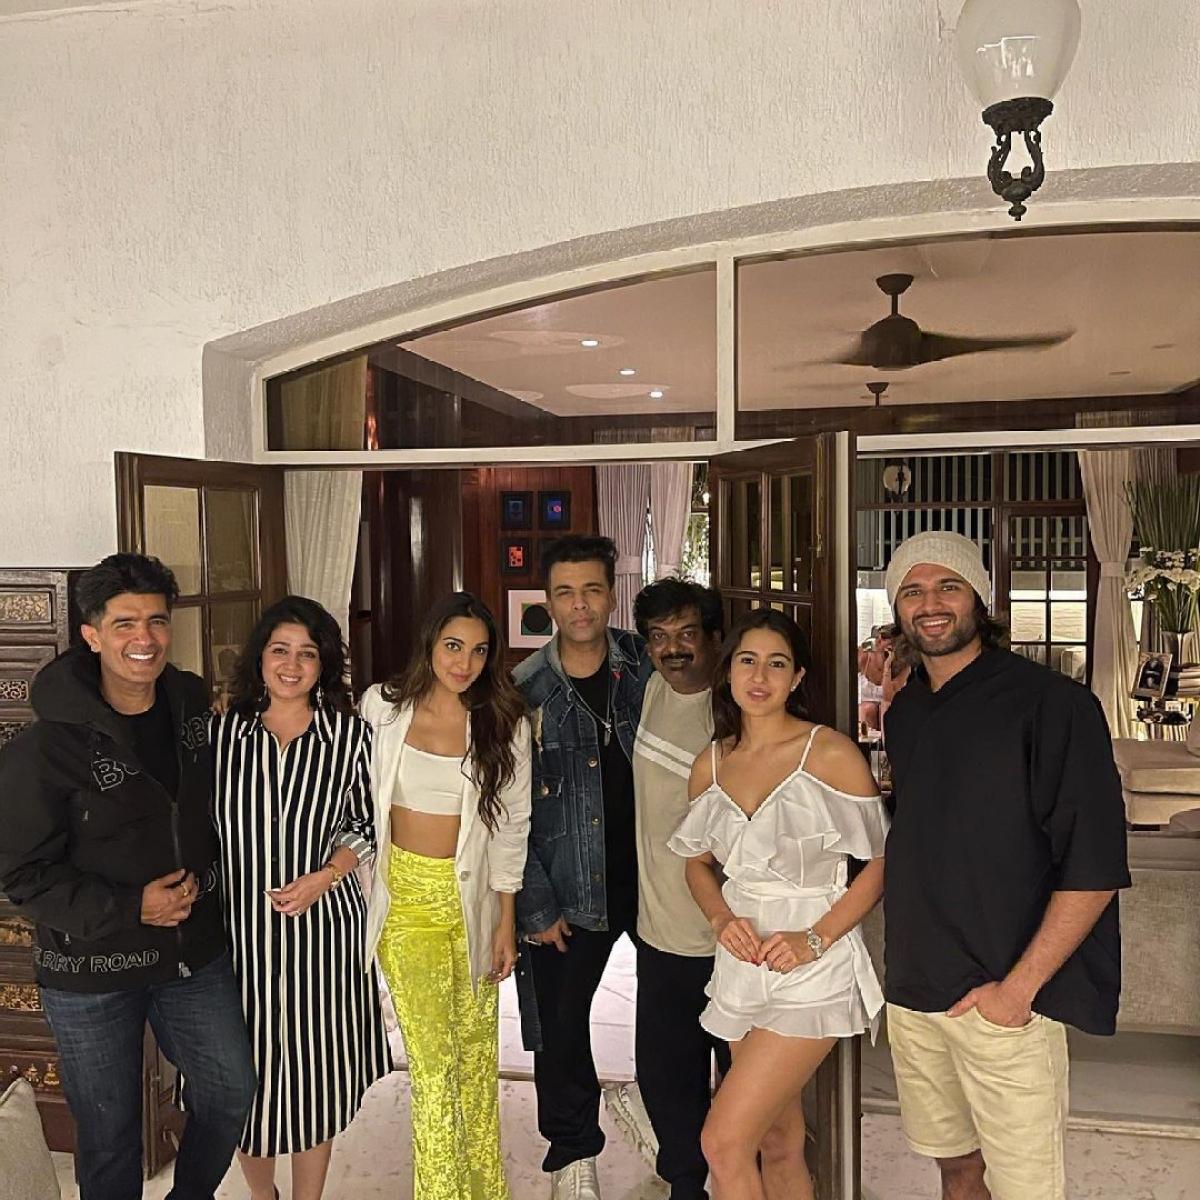 In Pics: Sara Ali Khan, Karan Johar, Vijay Deverakonda and others join Manish Malhotra for a 'perfect Saturday night'